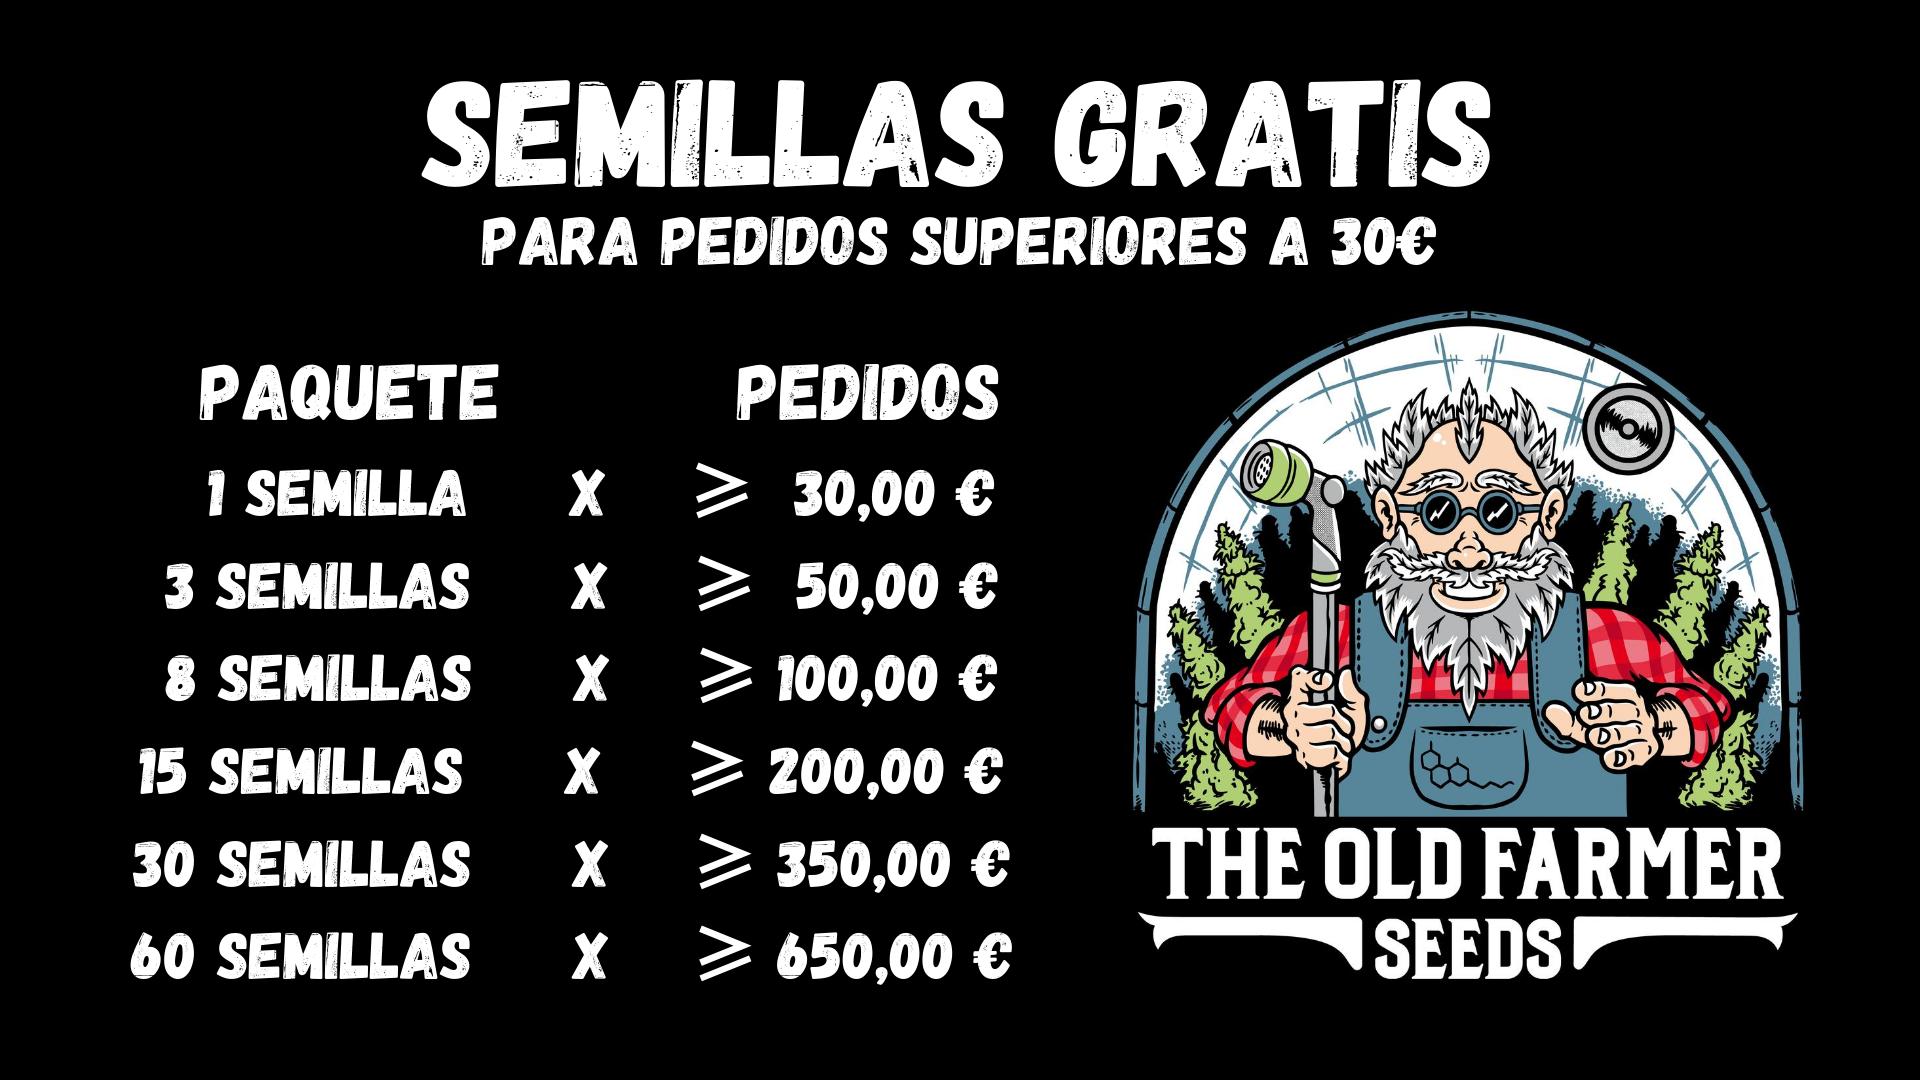 Promoción semillas-gratis 2